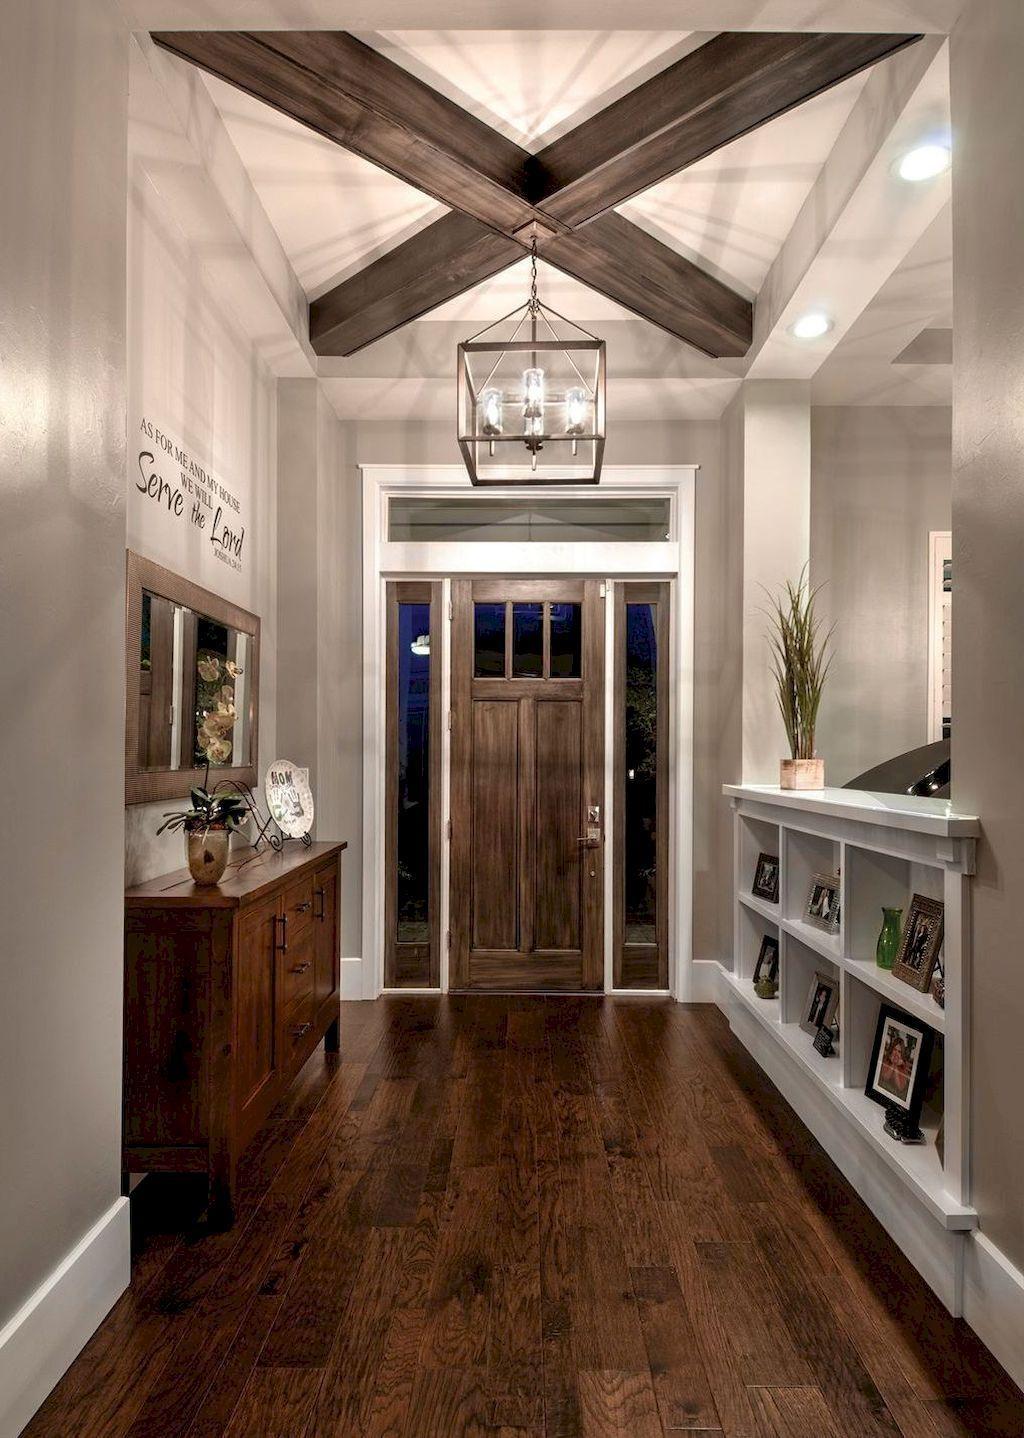 68 inspiring farmhouse entryway decor ideas images